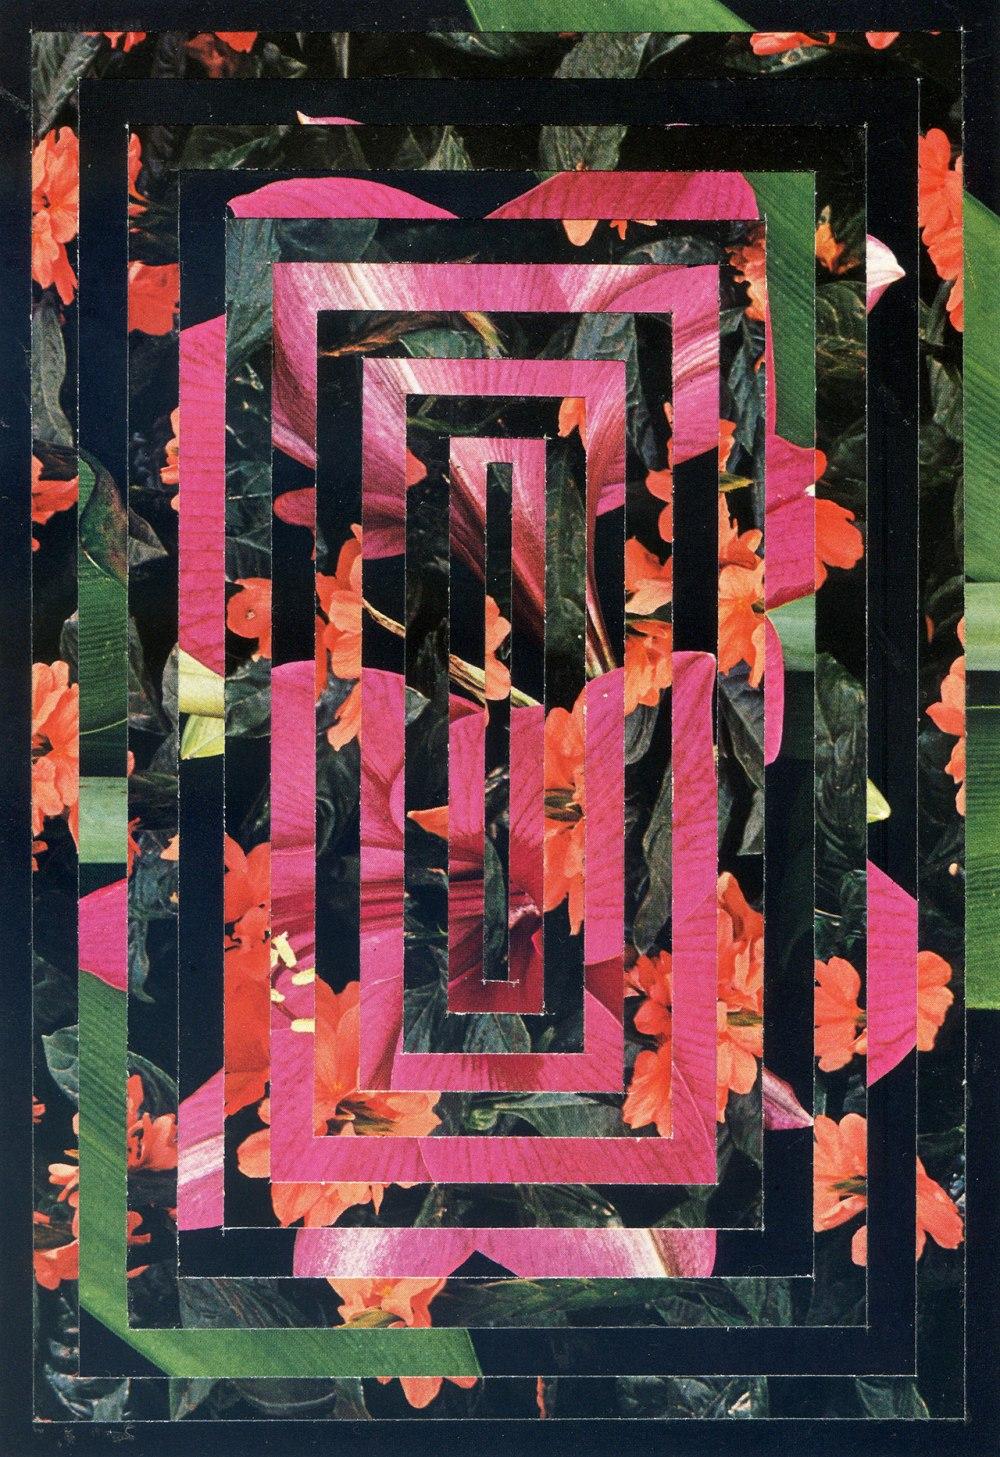 f18_luis_dourado_the_garden_thirdmemory_yatzer